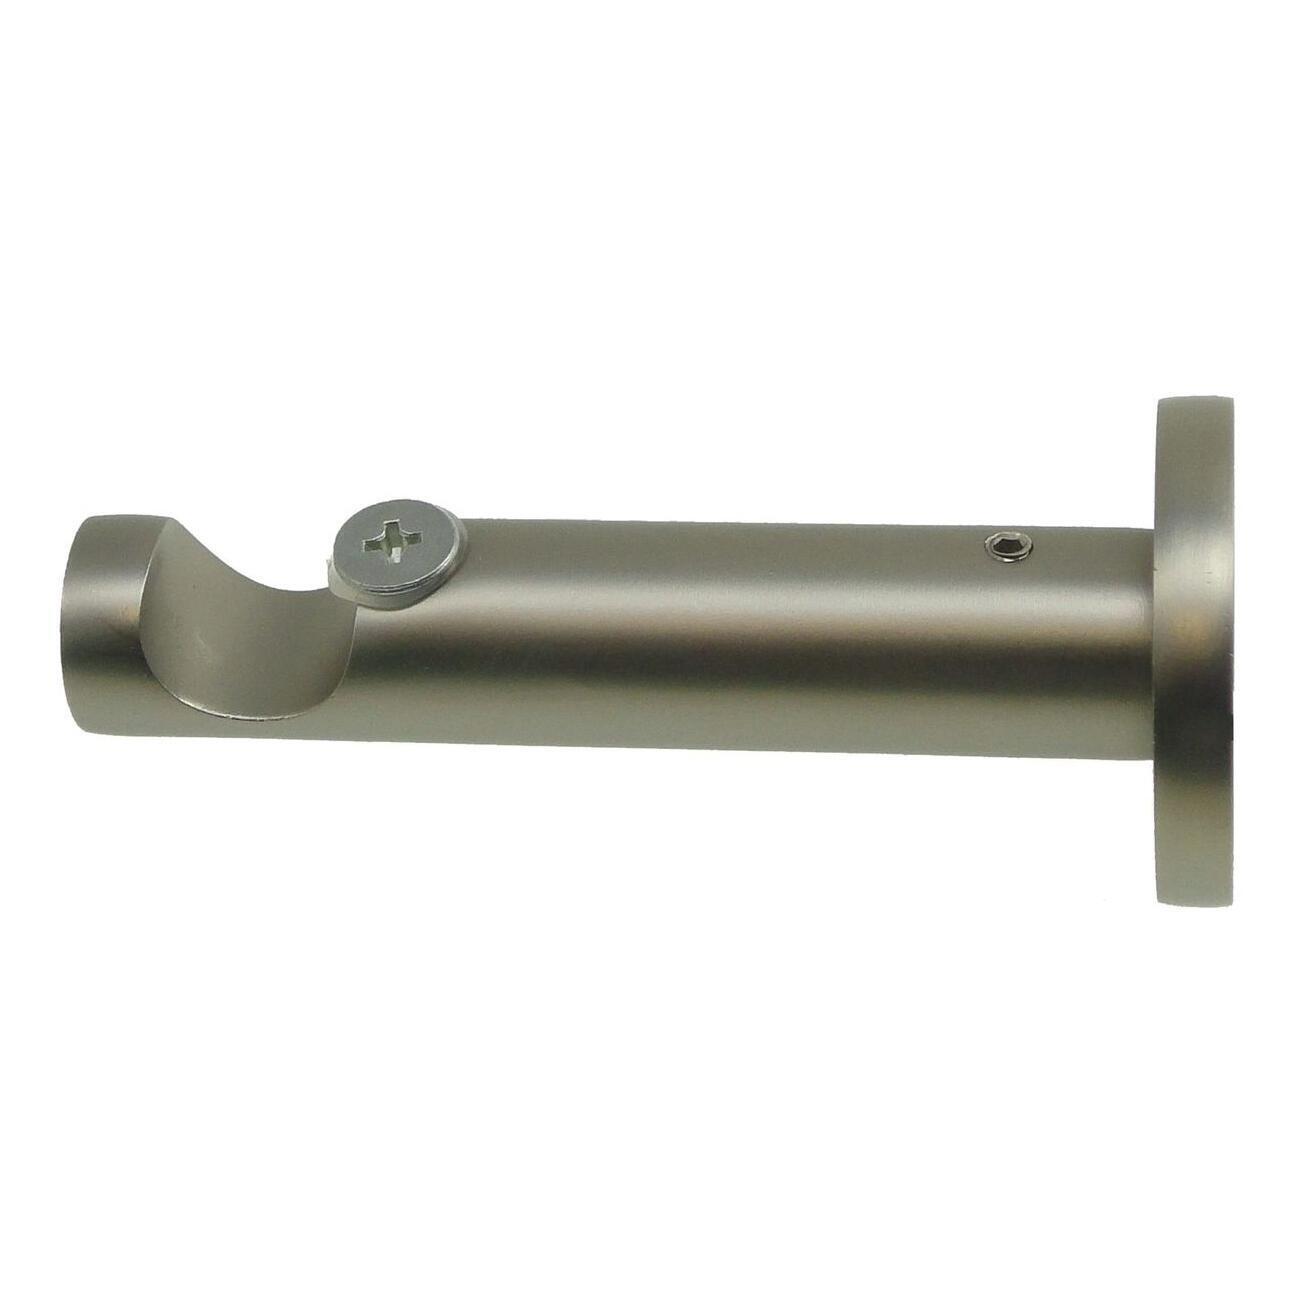 Supporto singolo aperto Ø16mm Stelvio in metallo acciaio satinato 9cm, 2 pz